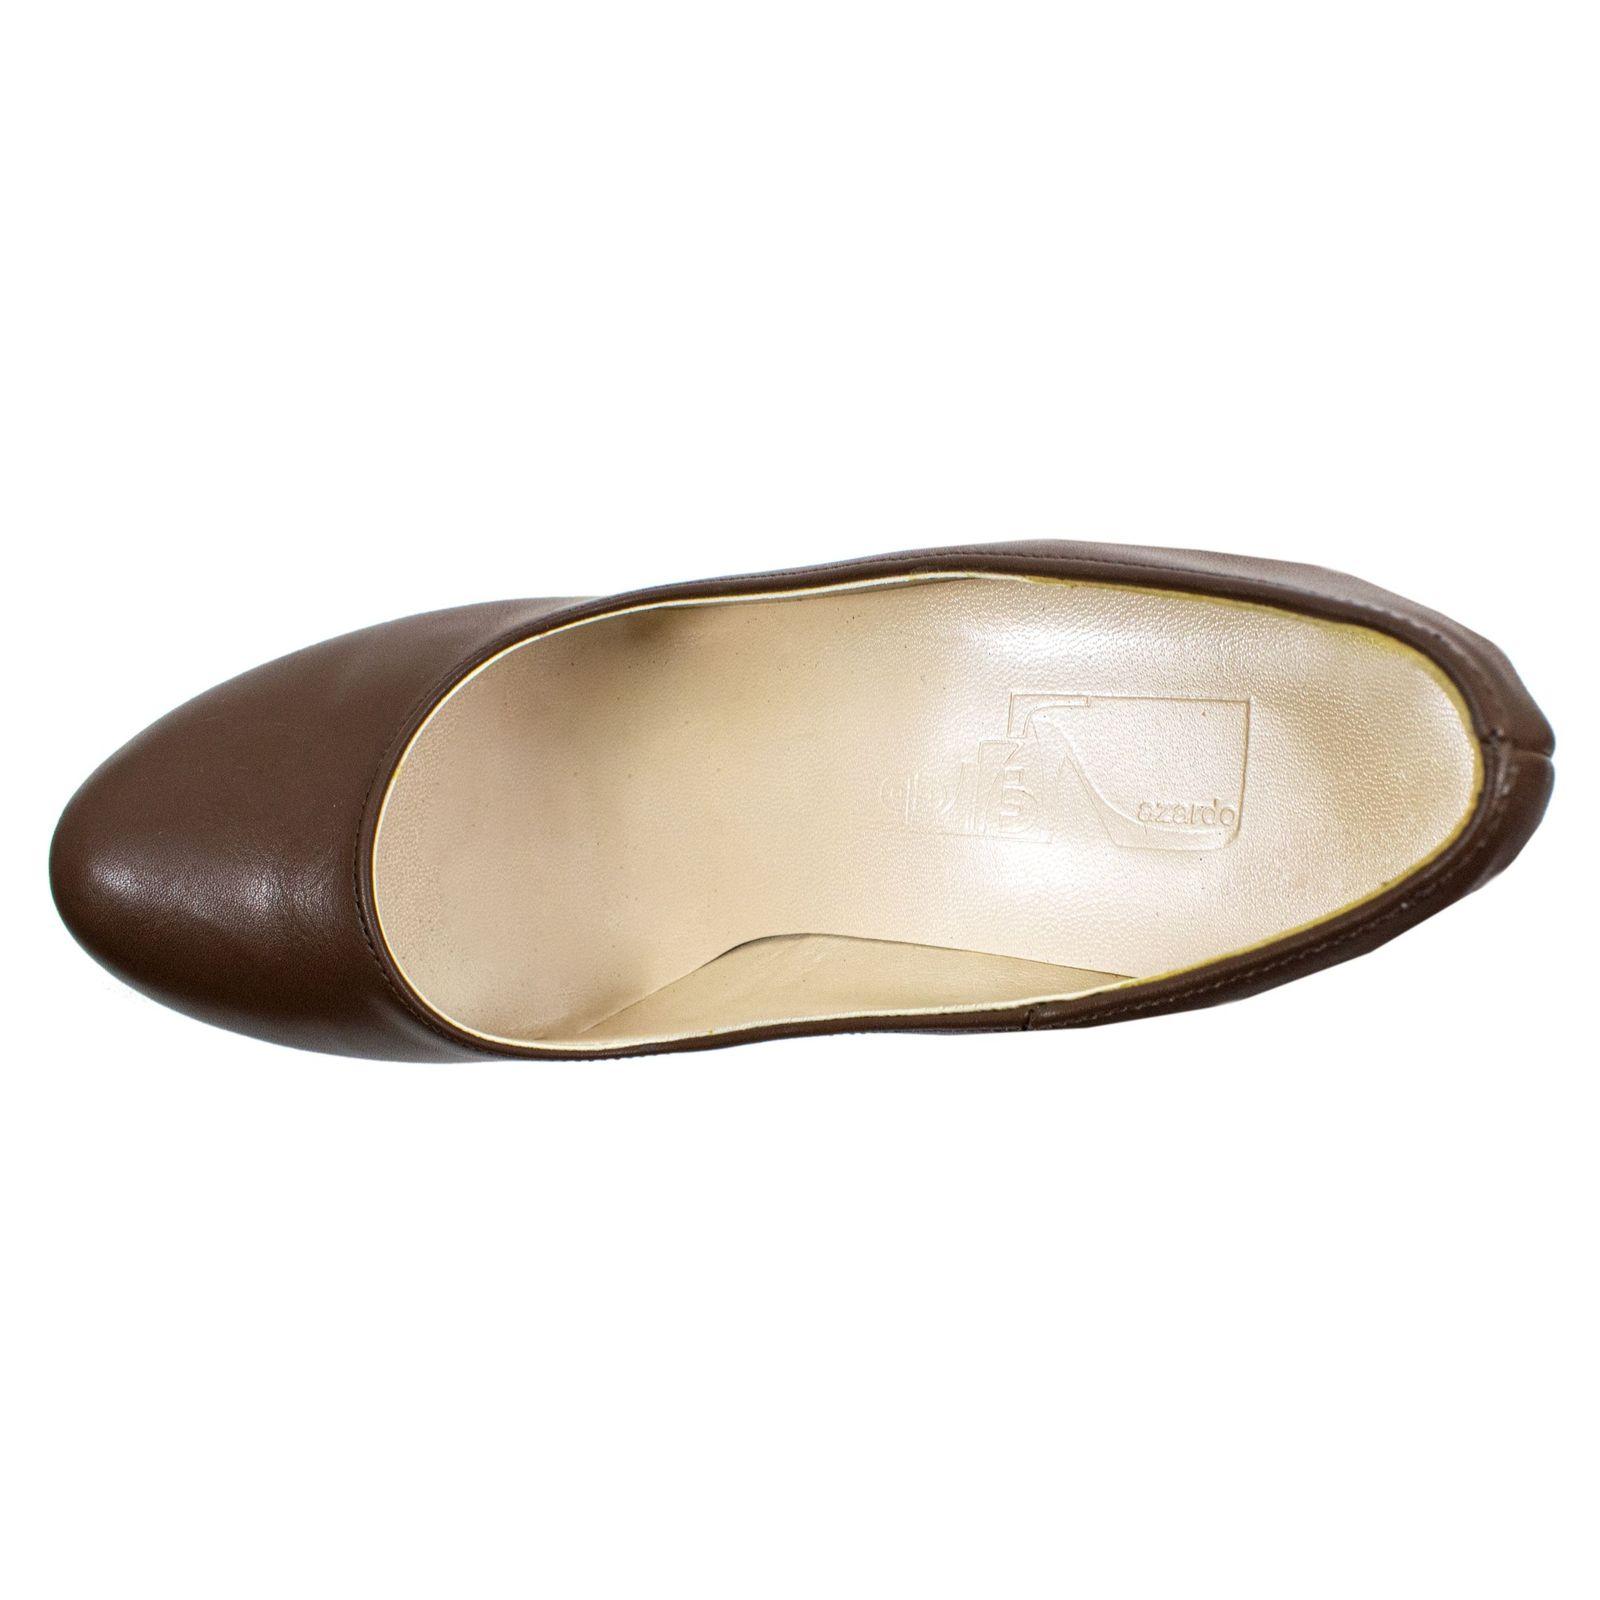 کفش زنانه آذاردو مدل W00411 main 1 3